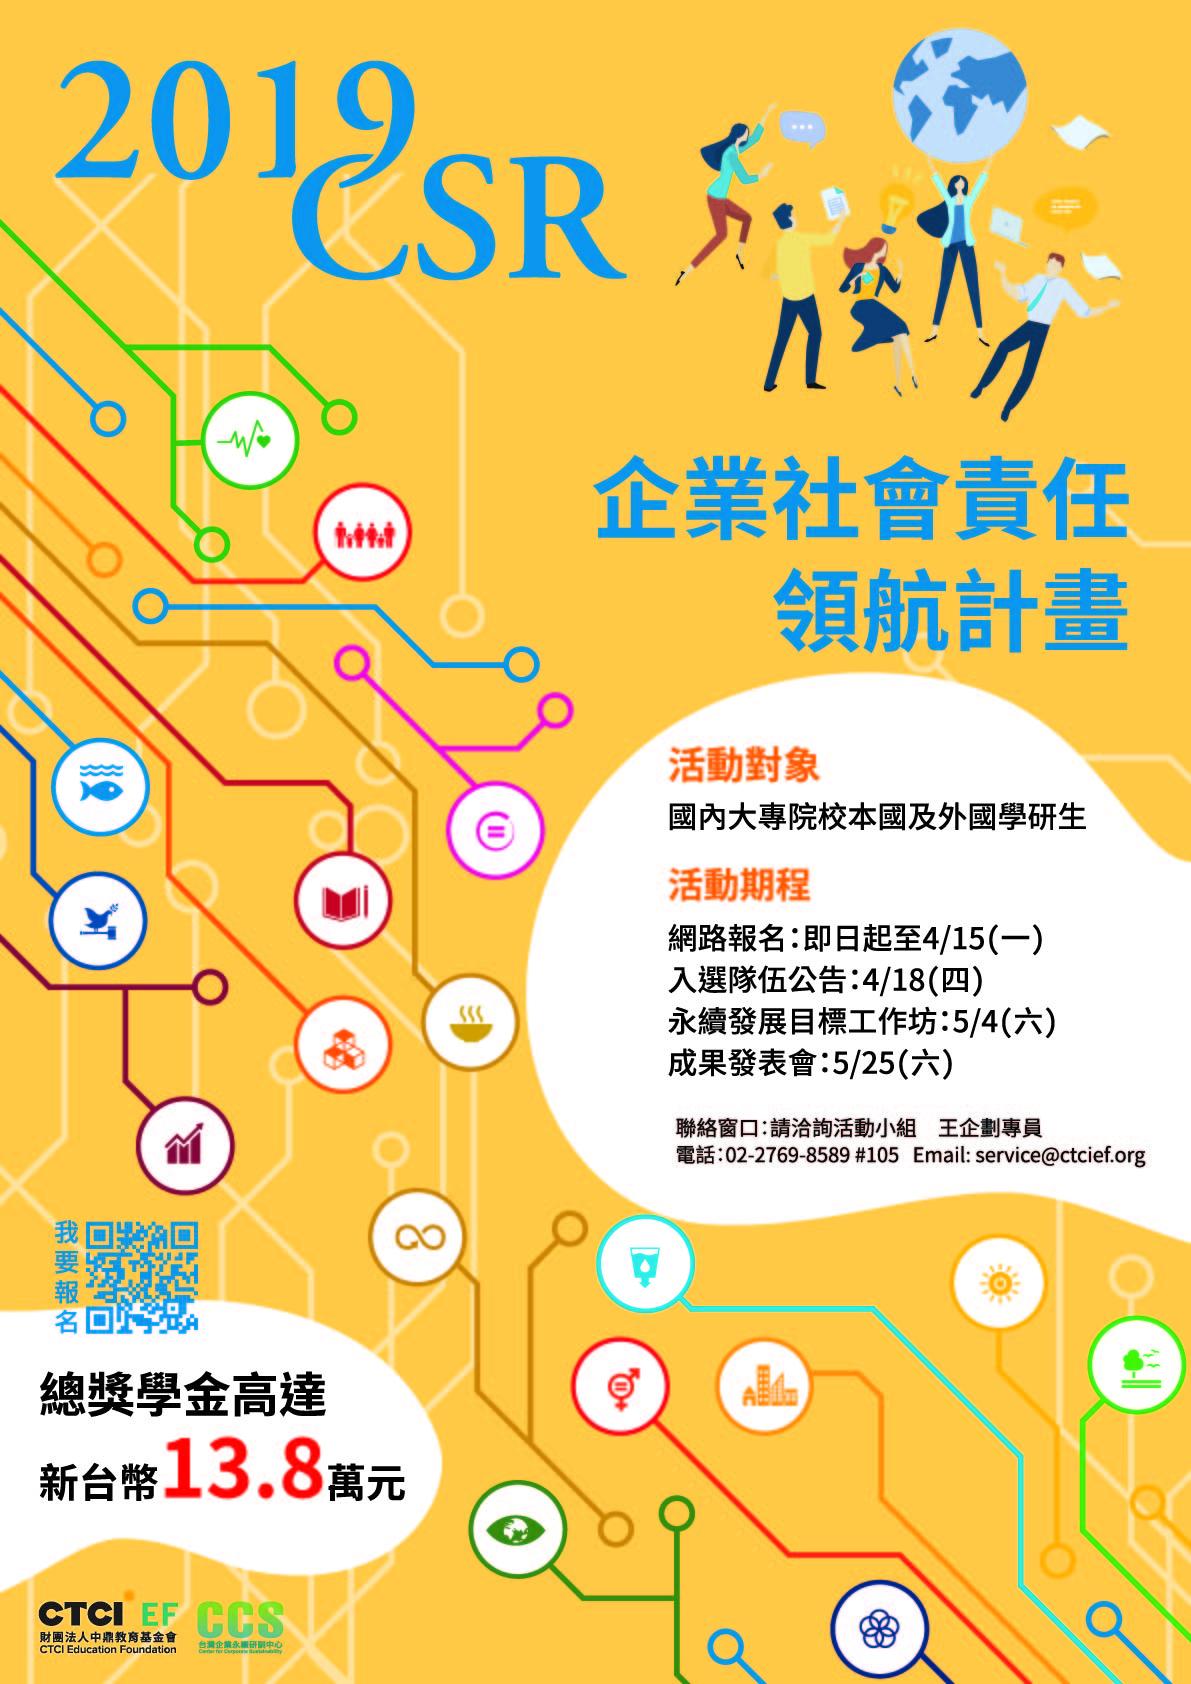 2019 CSR領航計畫-春季行動 活動海報-F